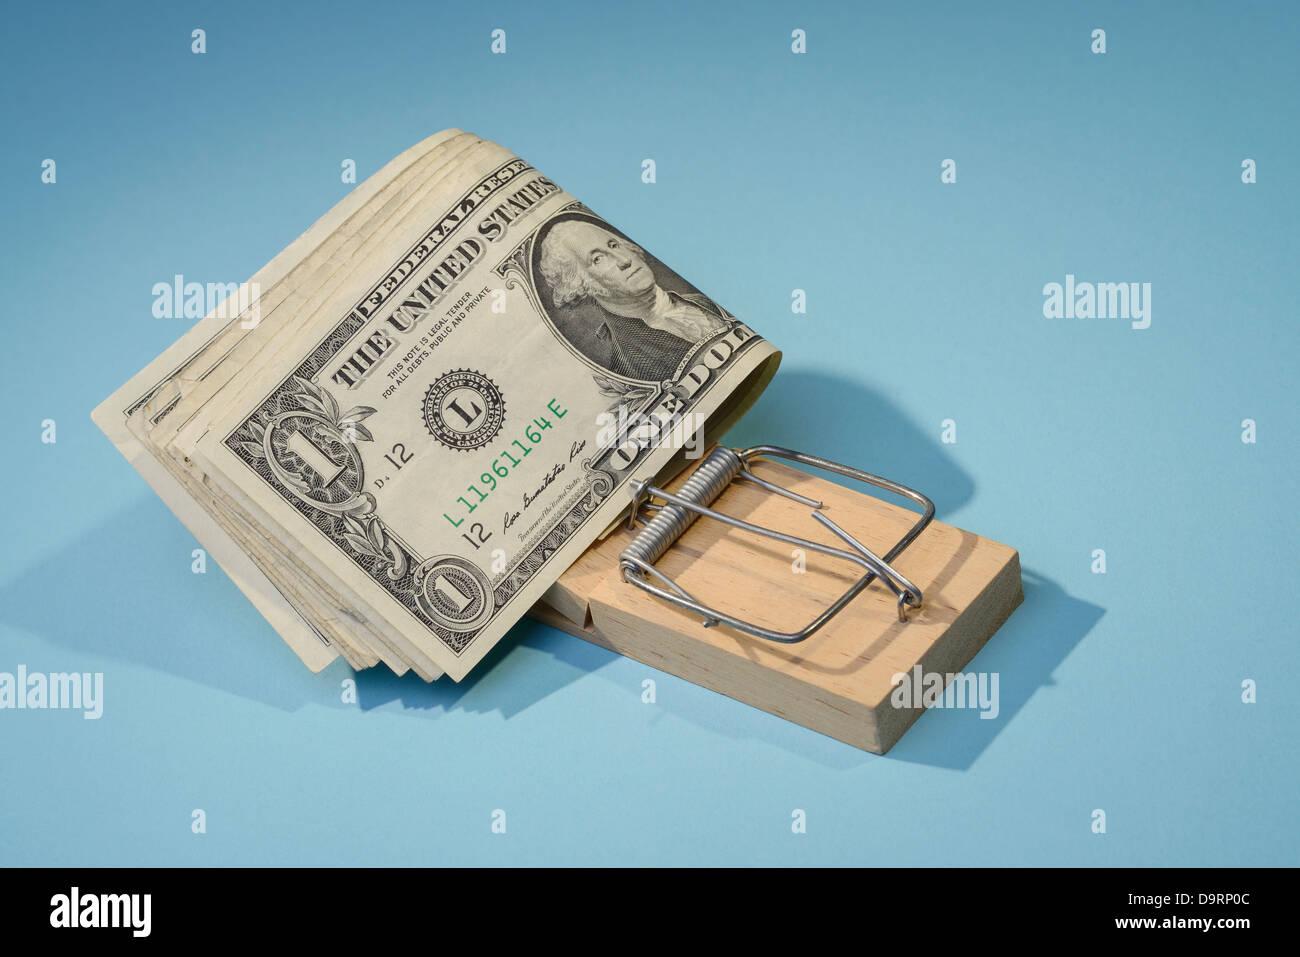 Billets d'un dollar dans une souricière Photo Stock